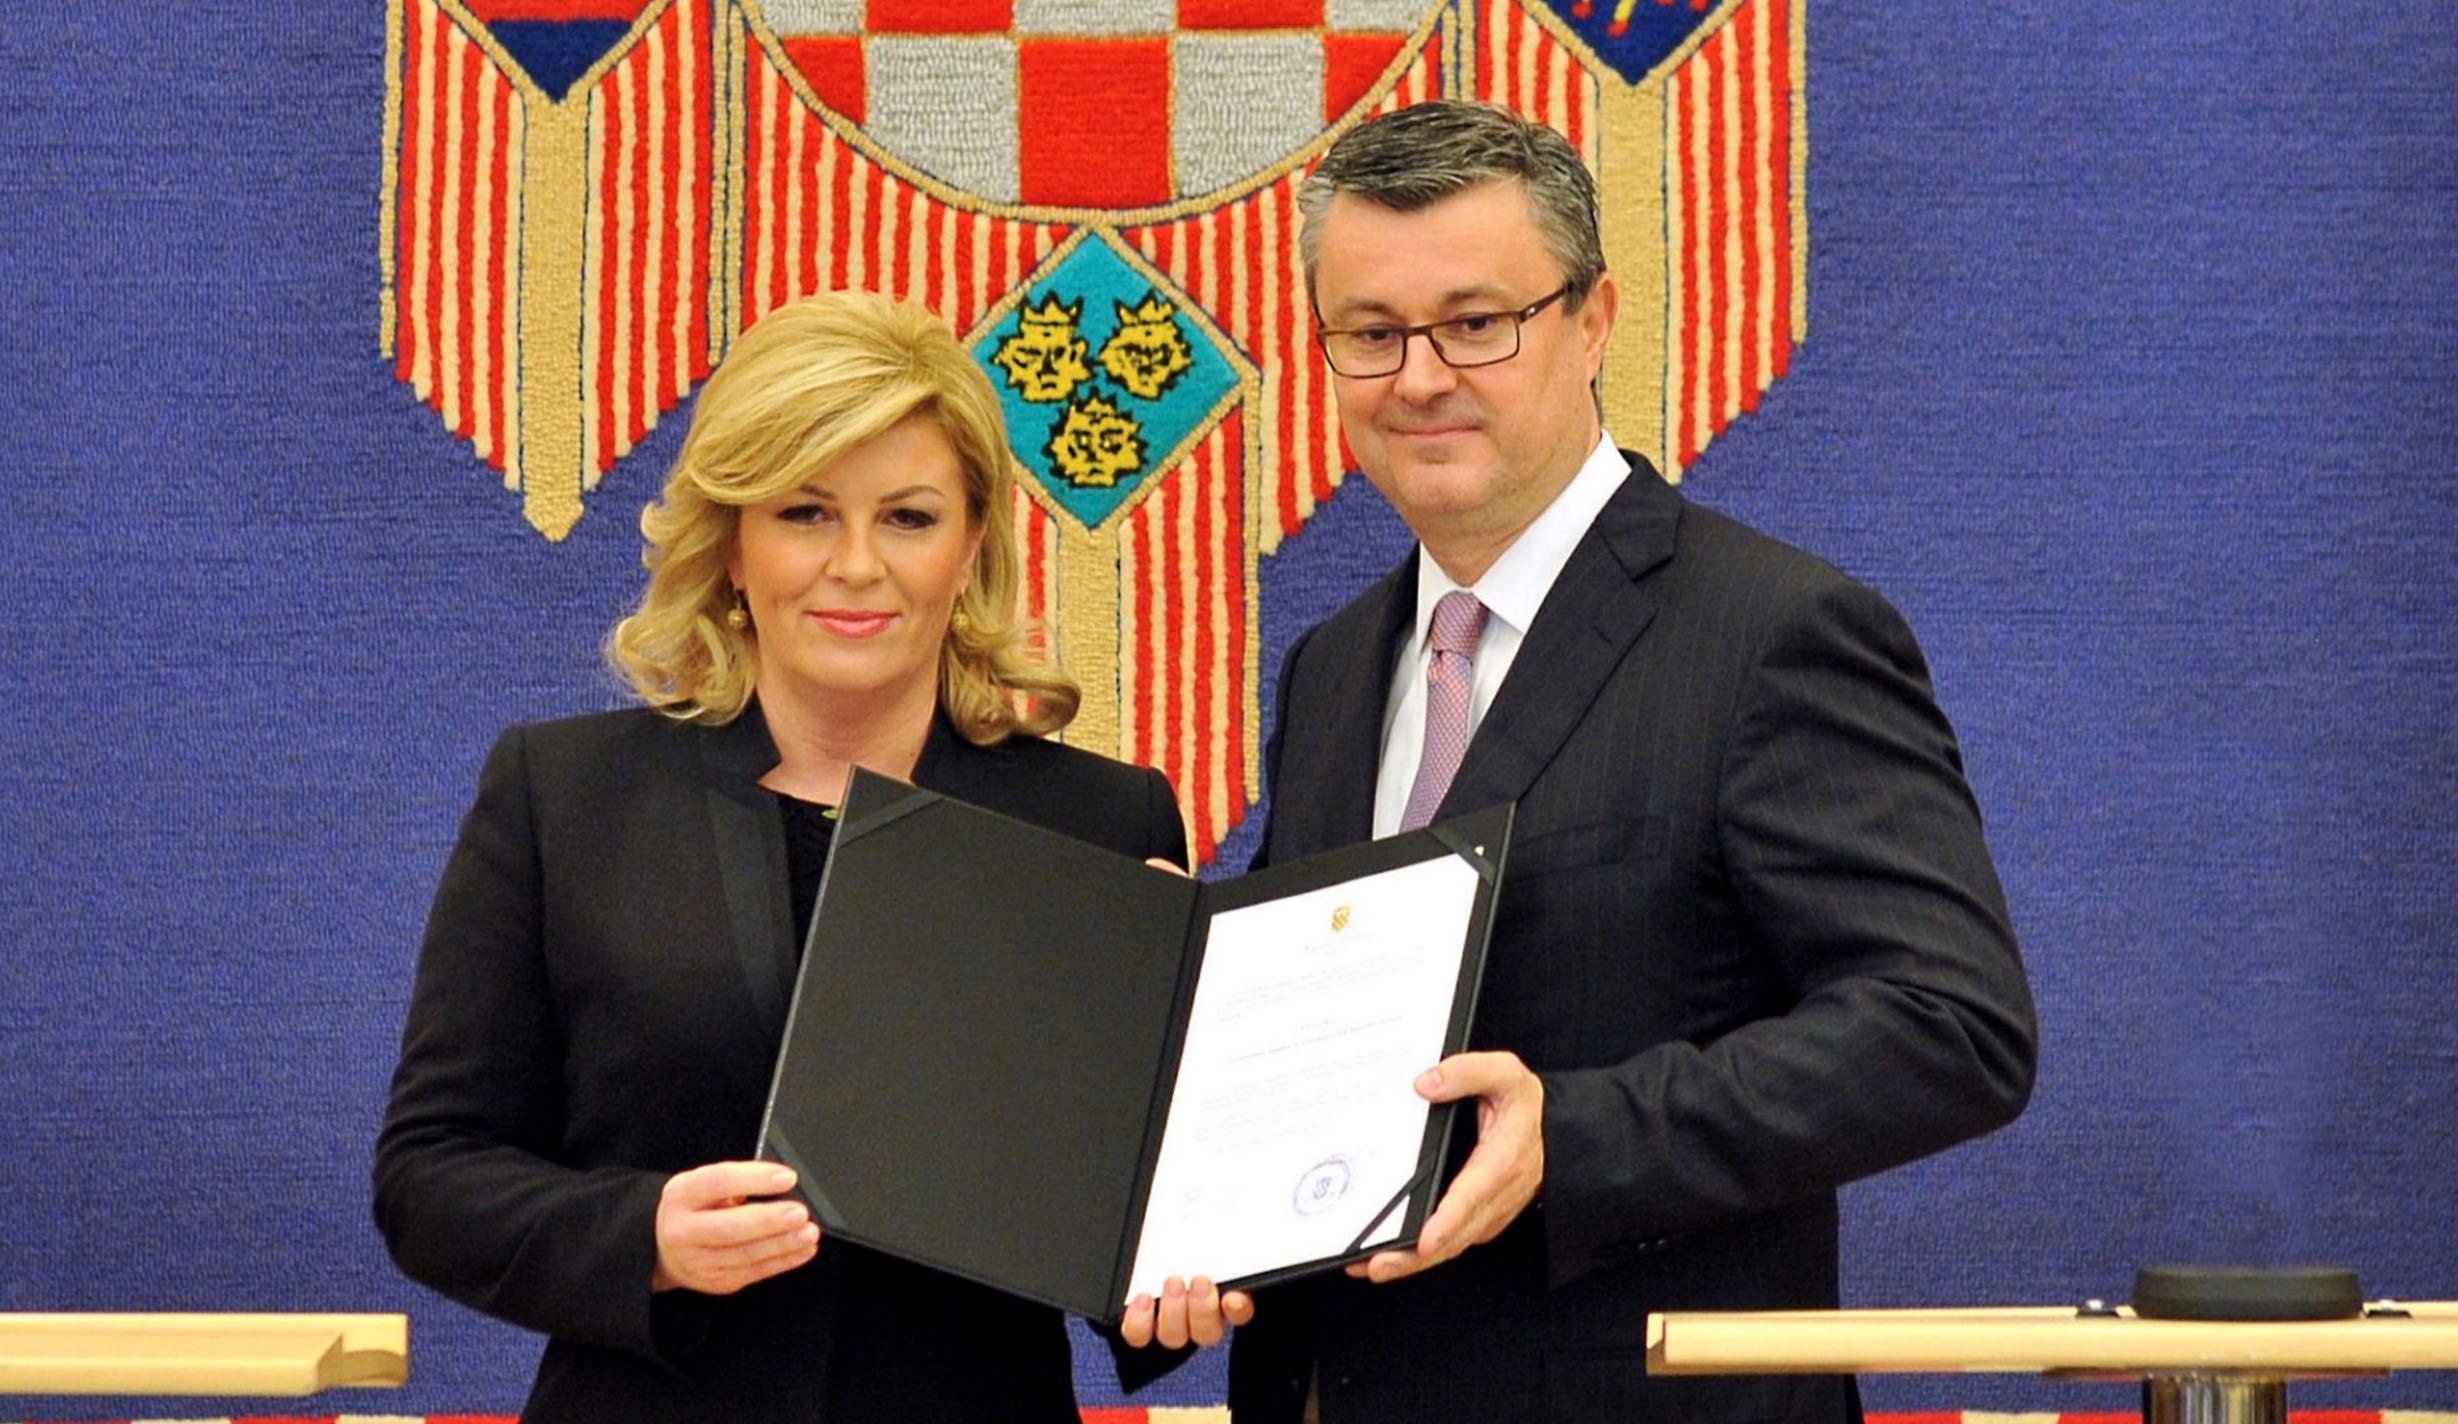 Tihomir Oreskovic könnte mit seiner Biografie ein besonderes Zeichen für die Geschichte Kroatiens werden. (Foto: Ured predsjednice HR)